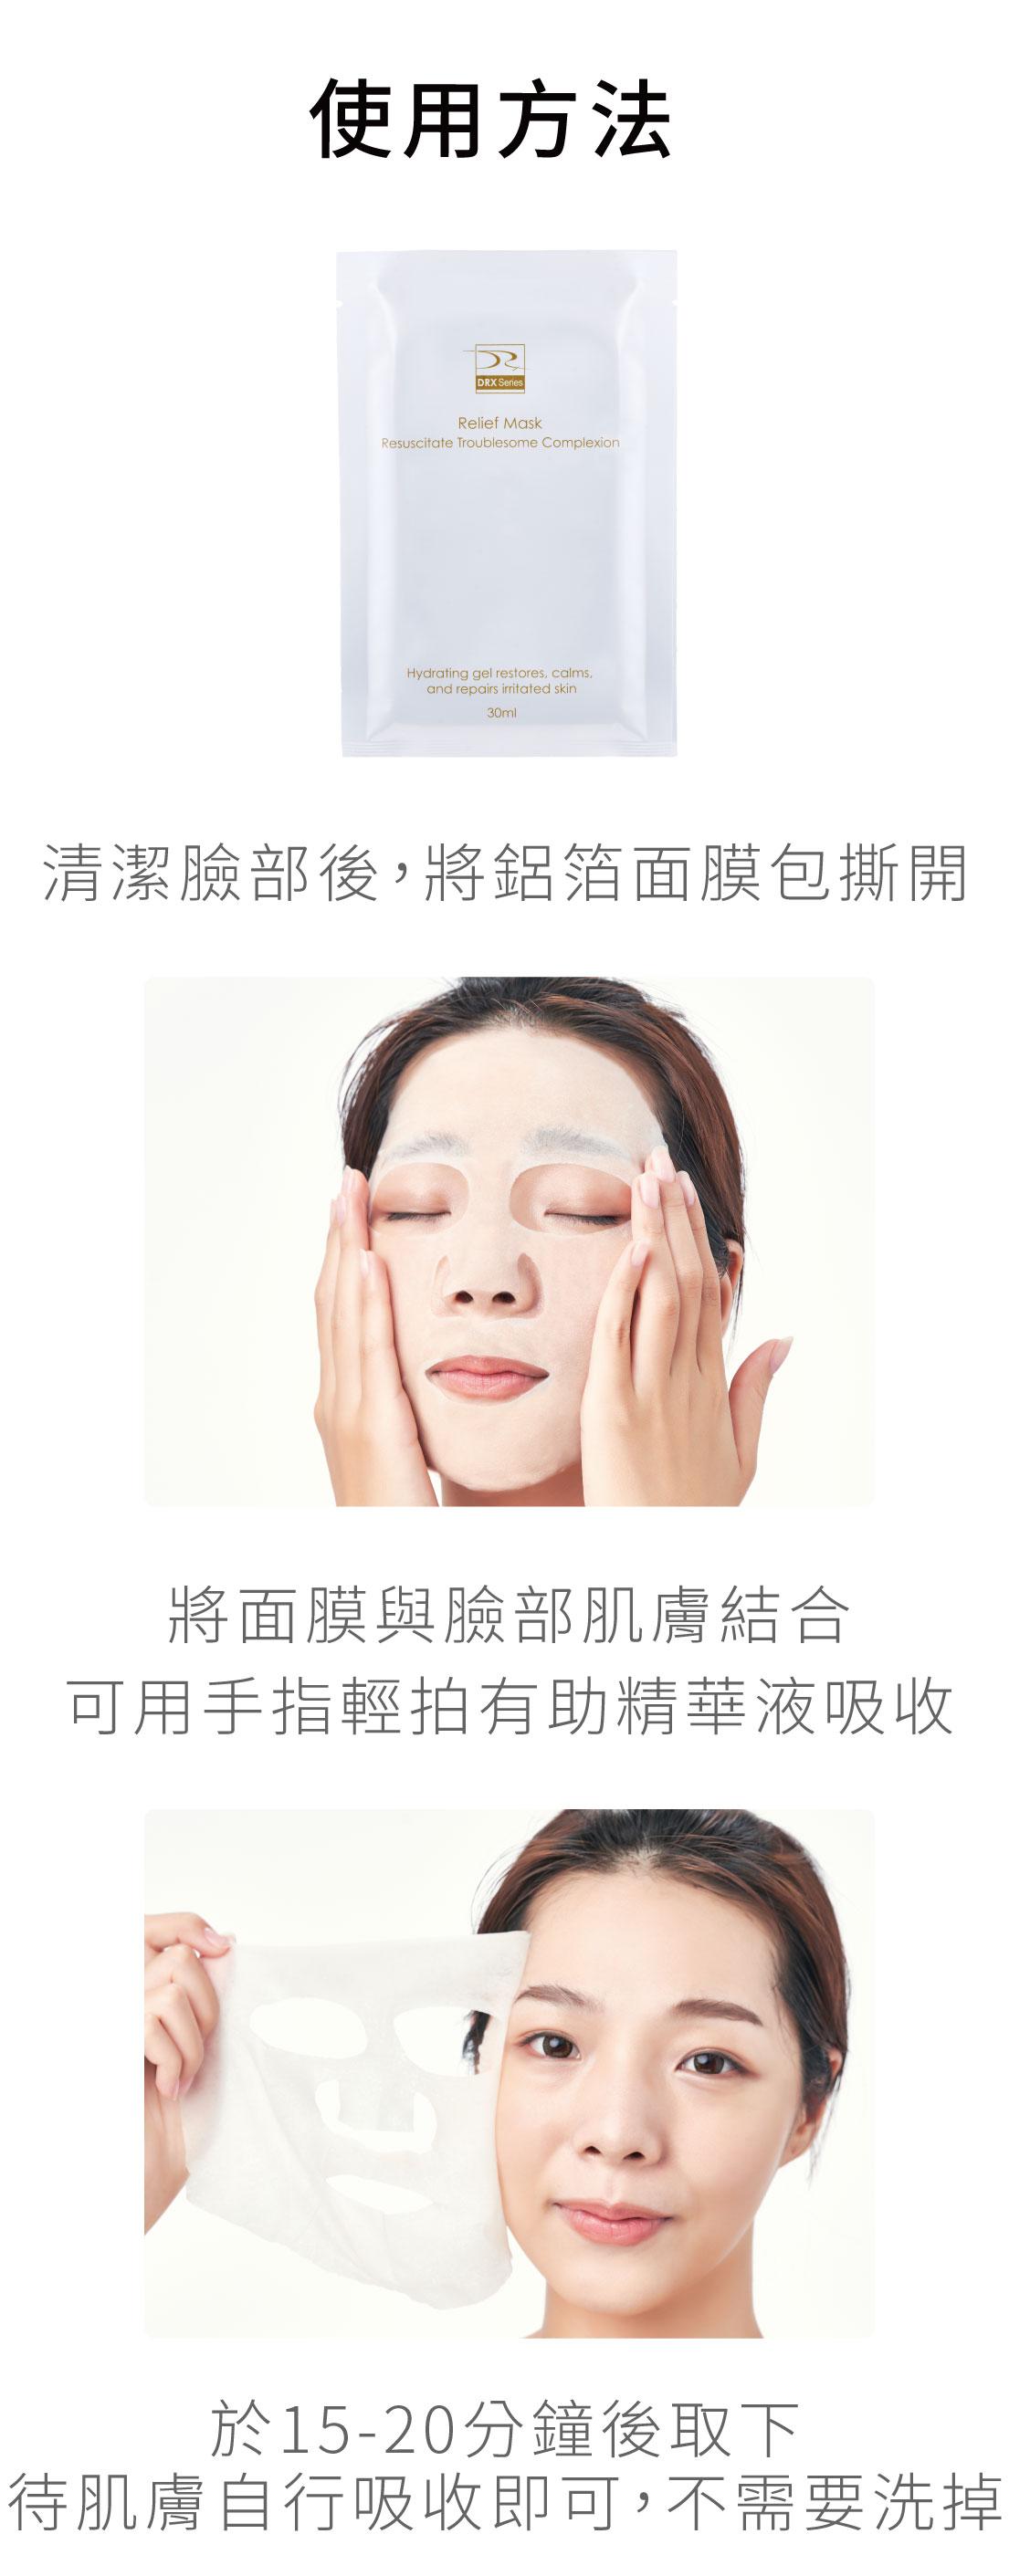 DRX達特仕給您最好的煥膚產品,DRX達特仕的DRX專業級居家煥膚組,讓你在家就可以完成專業級煥膚!在家就可以得到像水飛梭或A醇煥膚一樣的皮膚護理,幫你改善膚質及毛孔、皮膚美白超有感!